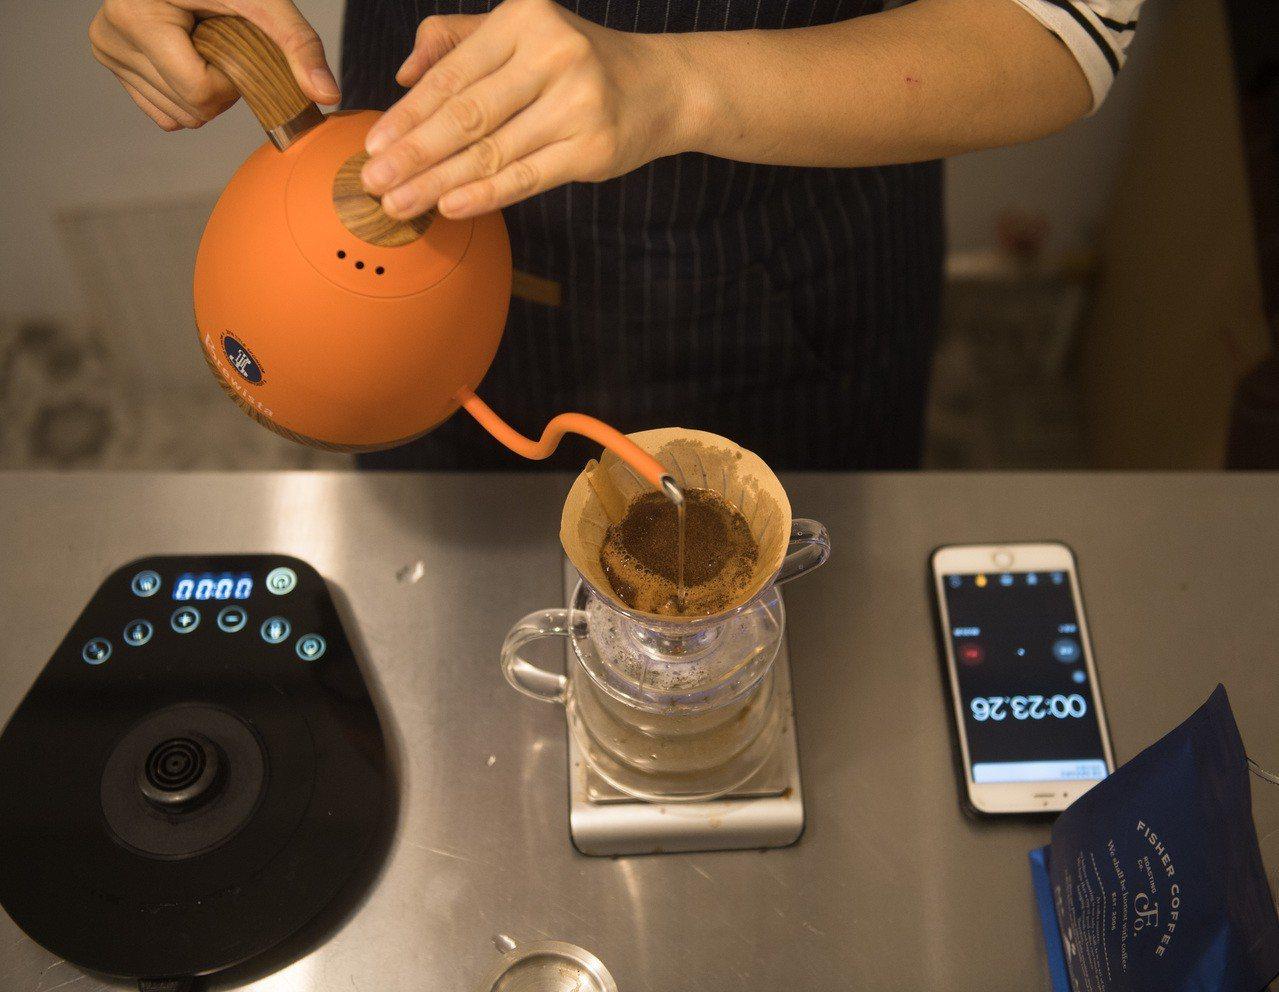 印尼咖啡豆今年豐收,消費者可望喝到較便宜的咖啡。圖為大陸杭州一家咖啡店店主正在手...